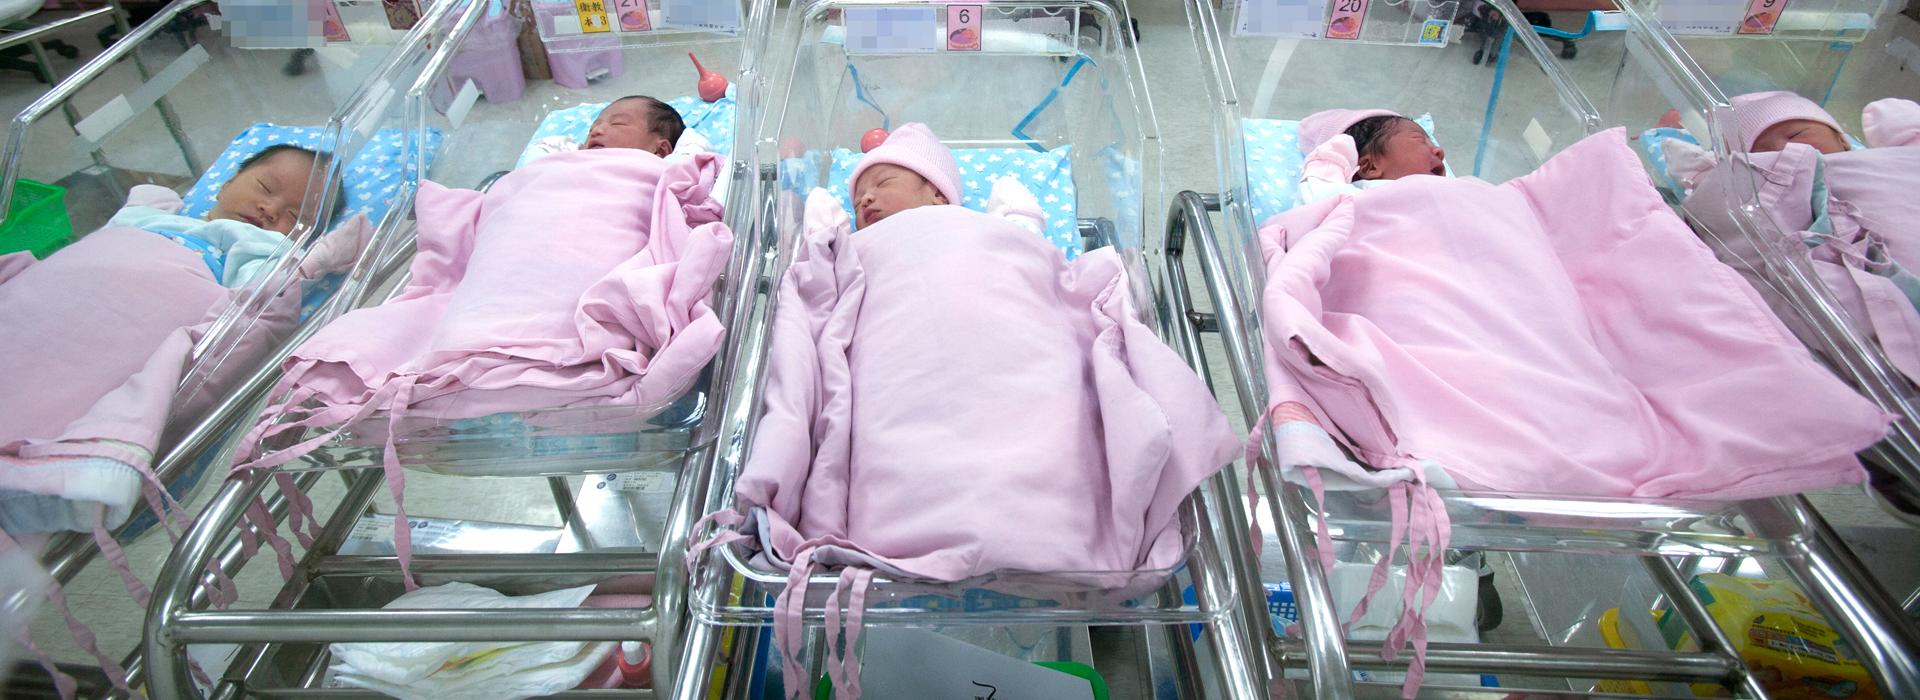 韓國經驗 私托免費也難救生育率